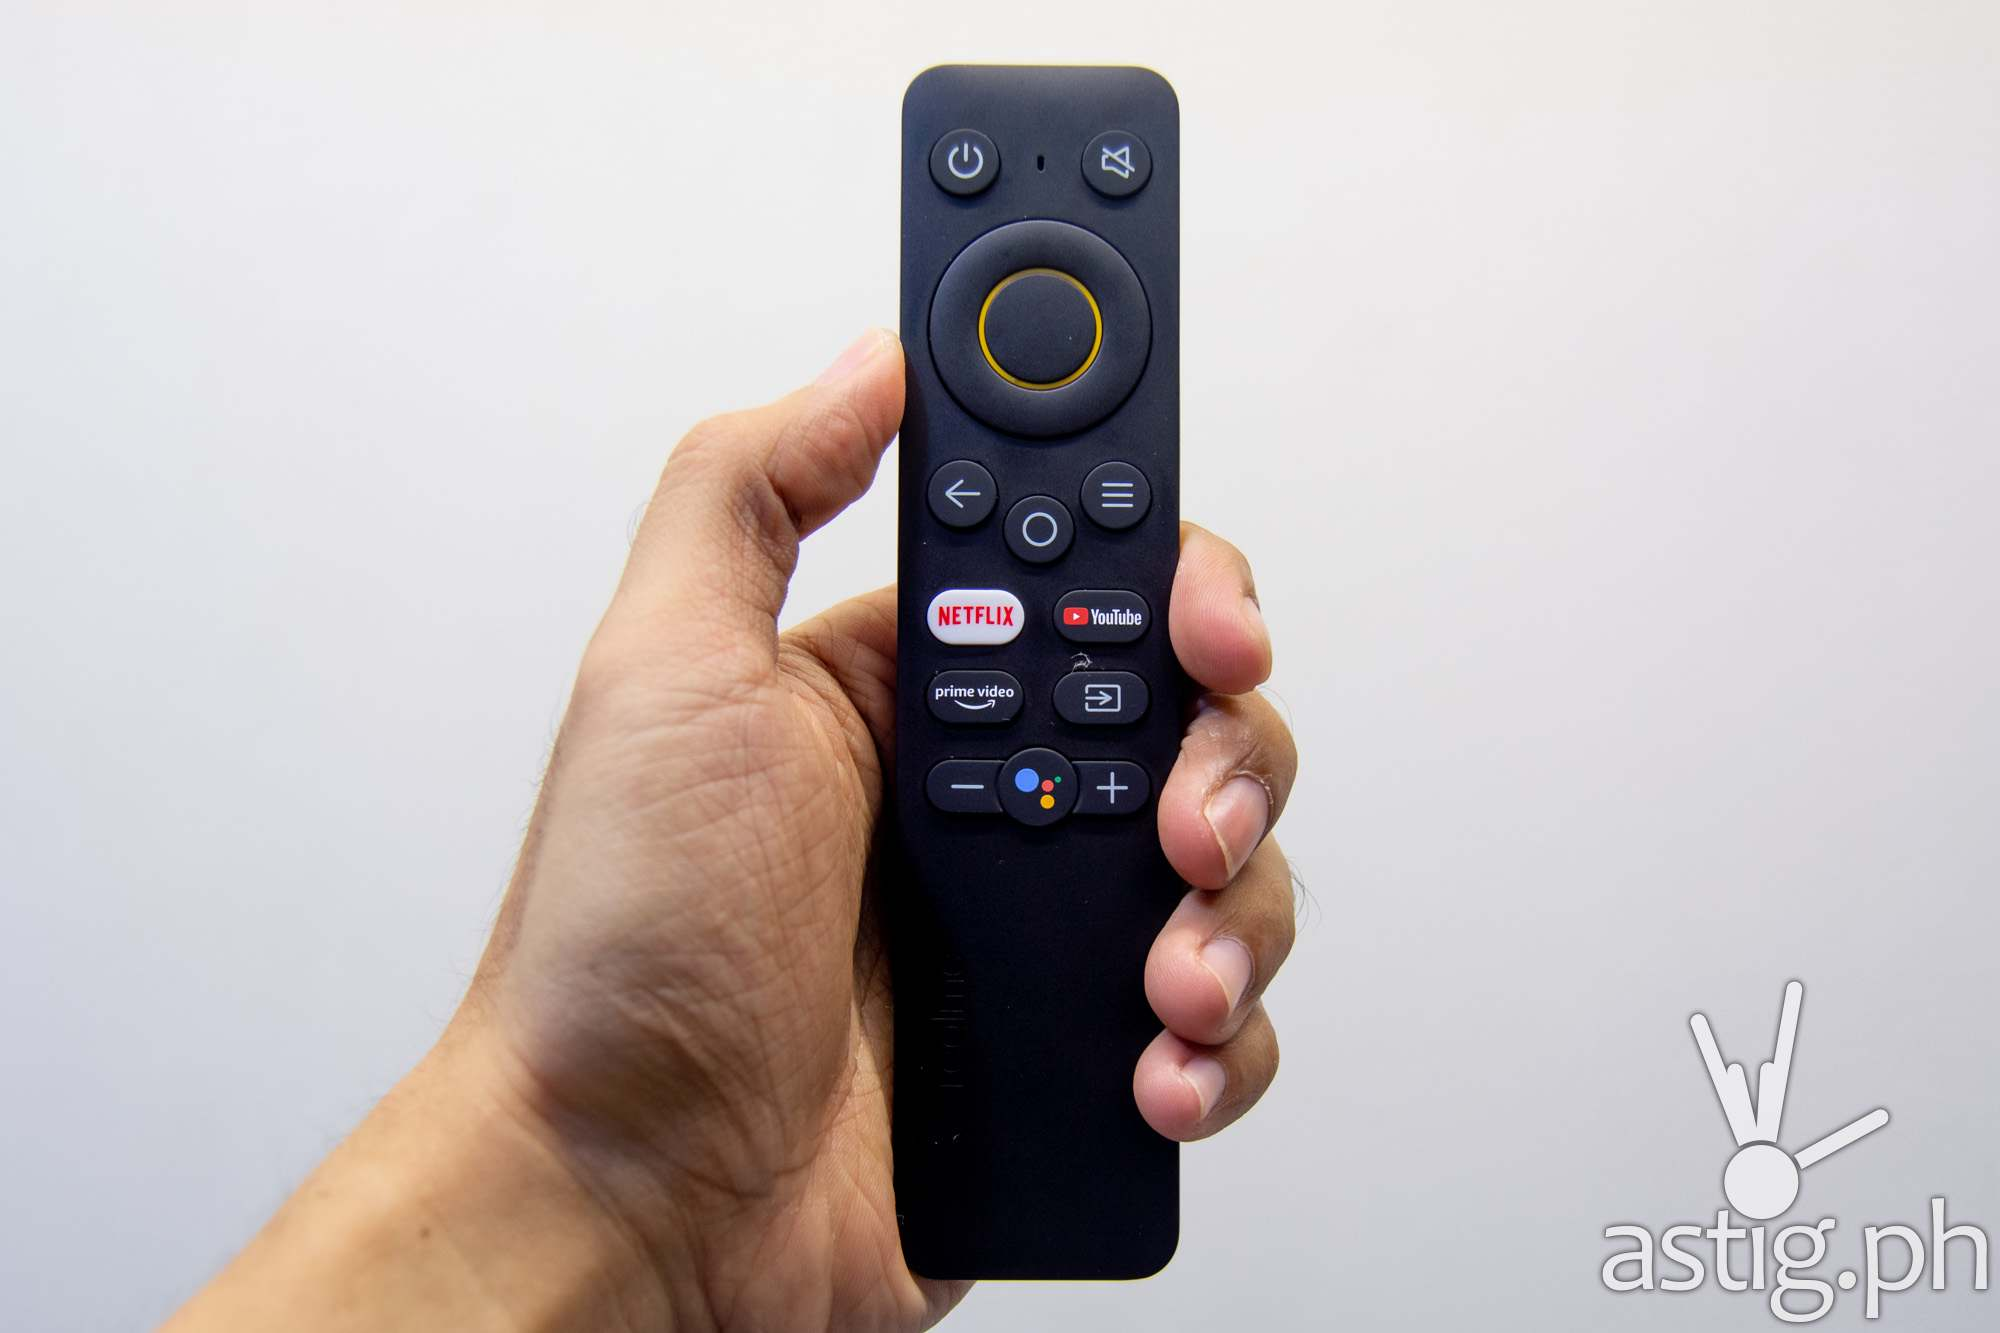 Remote control close-up - realme TV (Philippines)